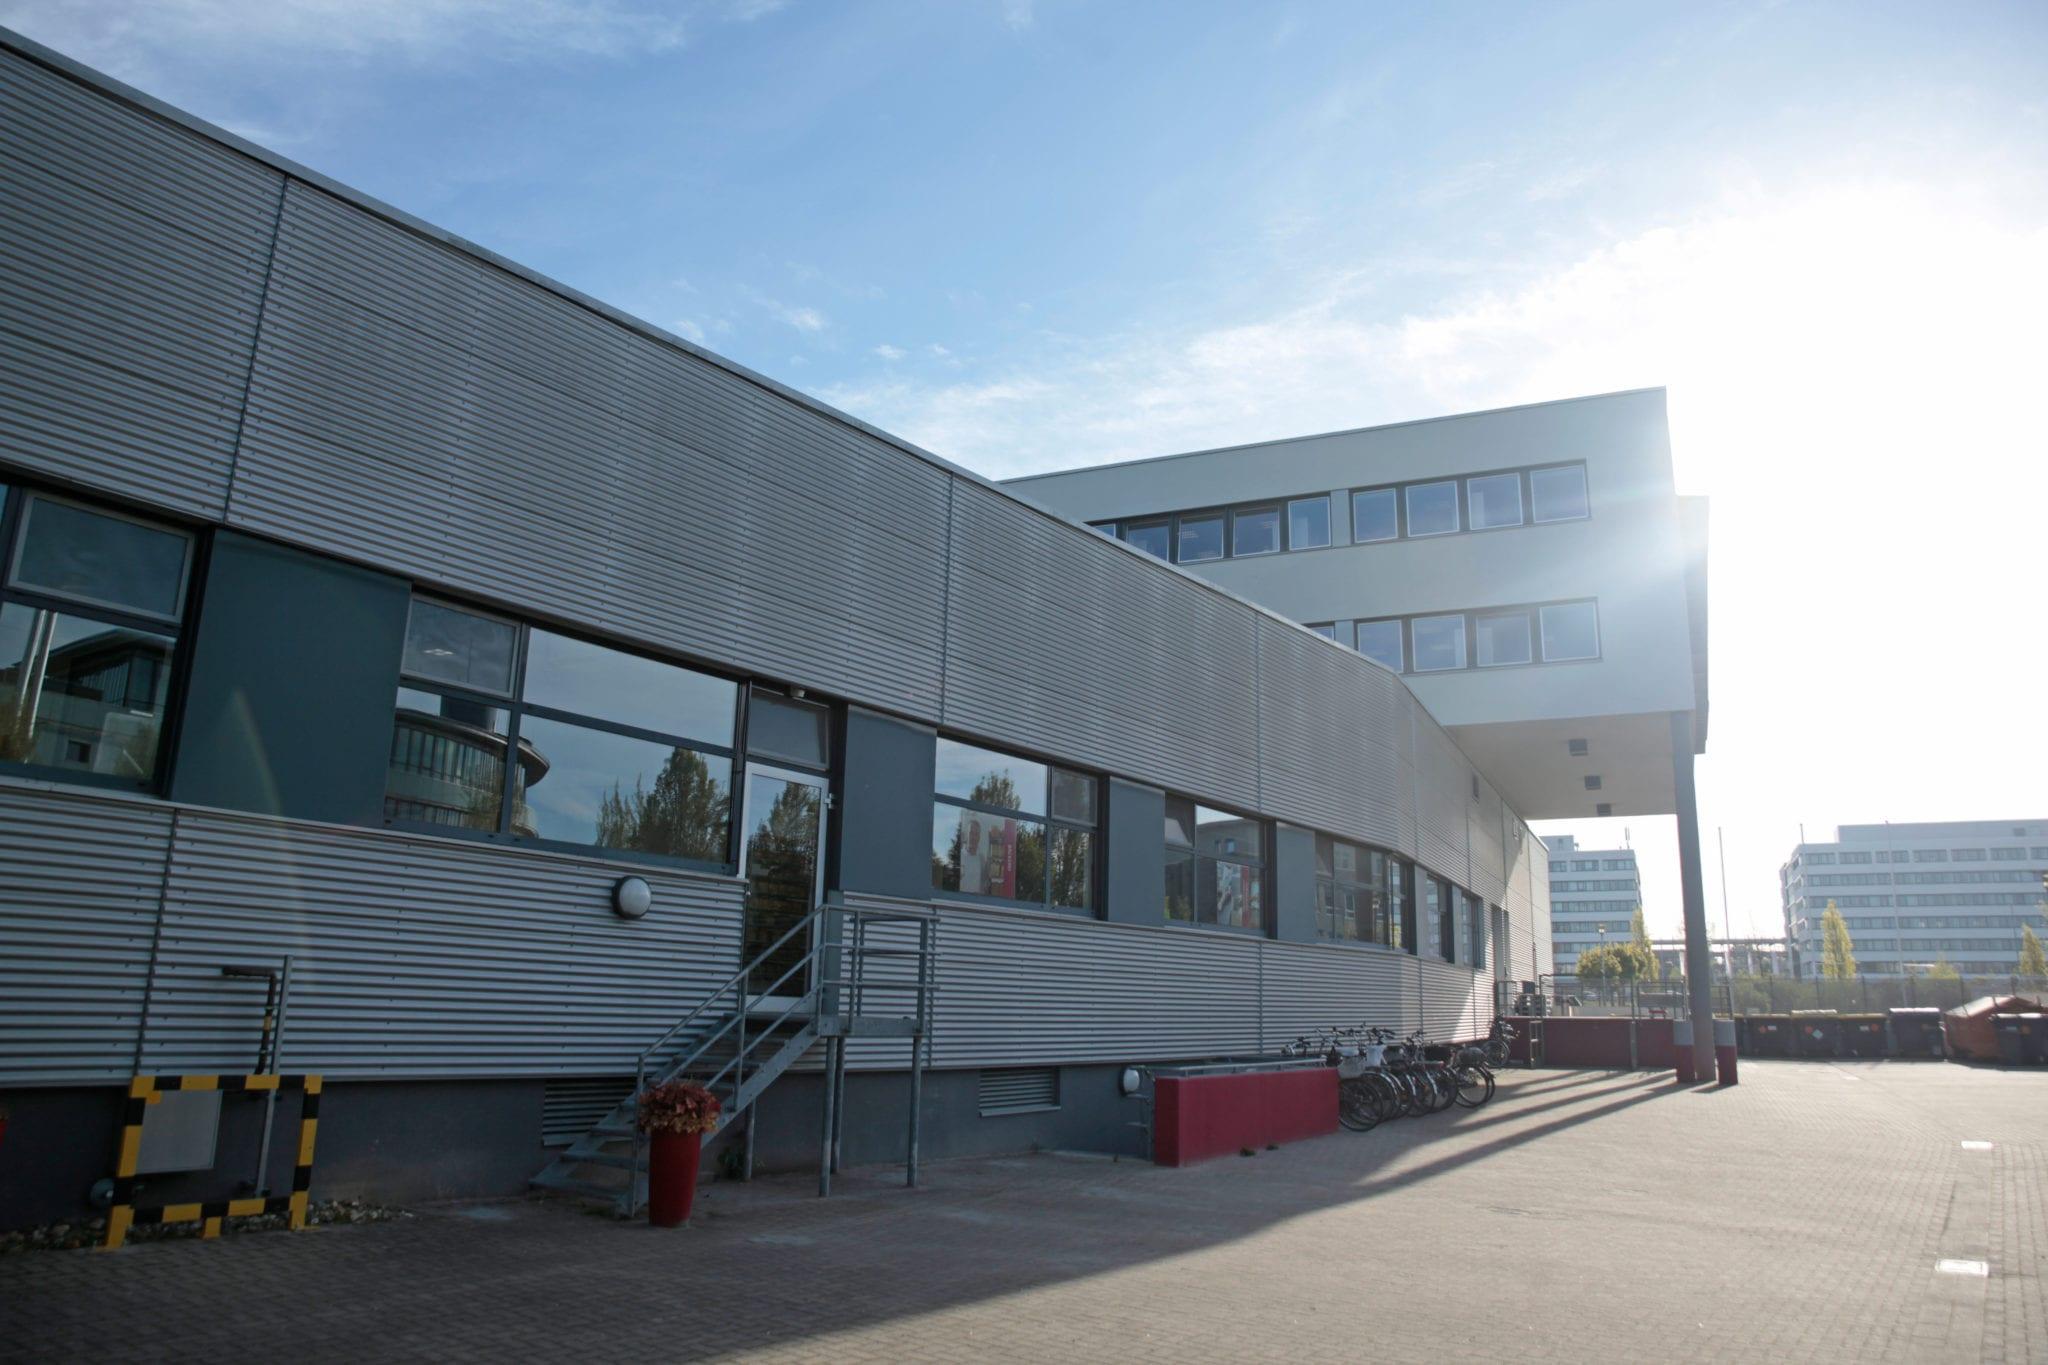 Das Gebäude des AlexProWerks von außen.